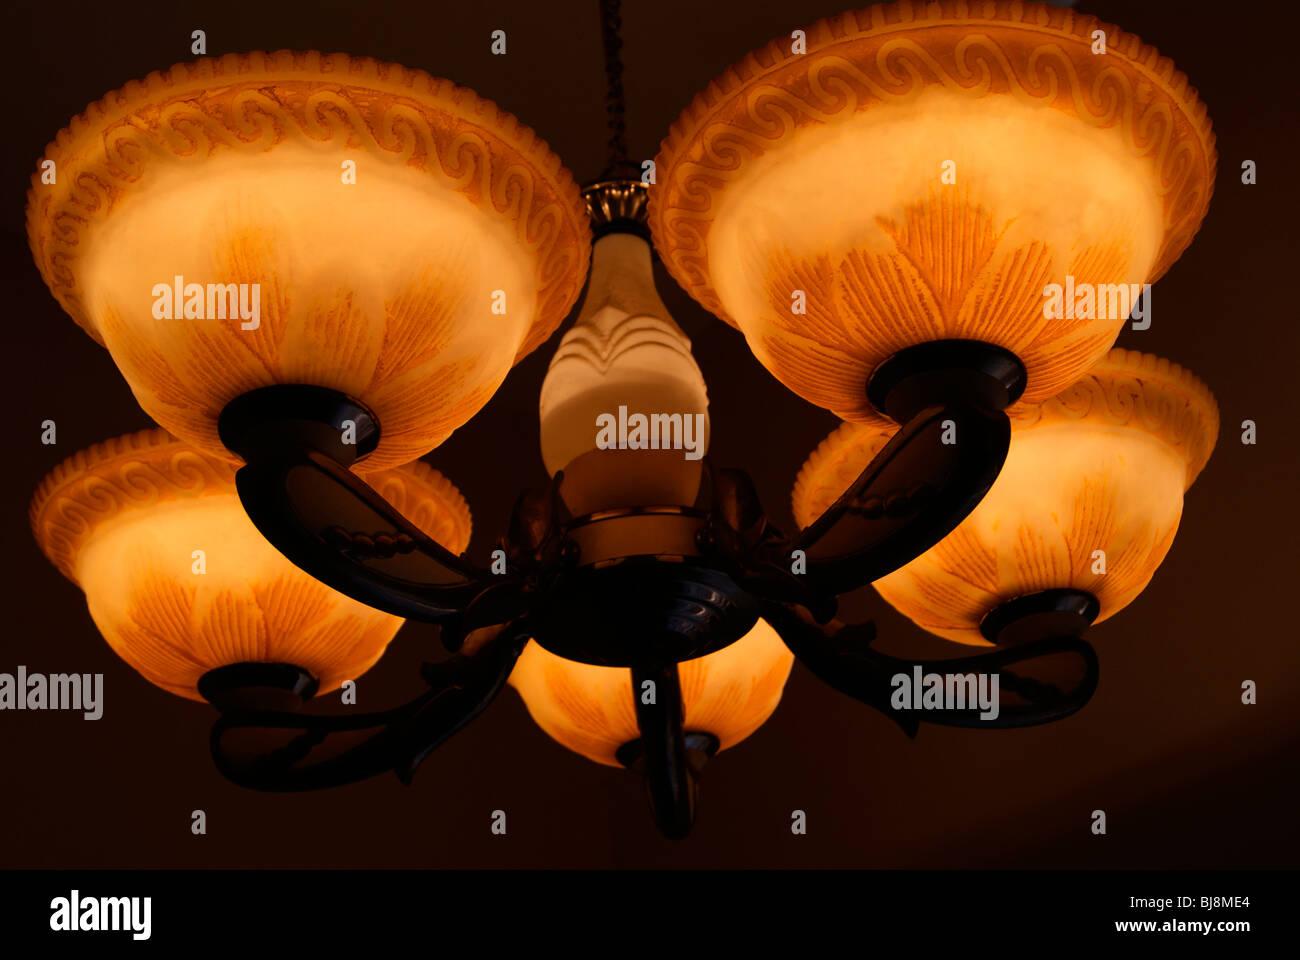 kronleuchter lampe licht in der nacht auf ajanta palace in trivandrum kerala indien - Kronleuchter In Indien